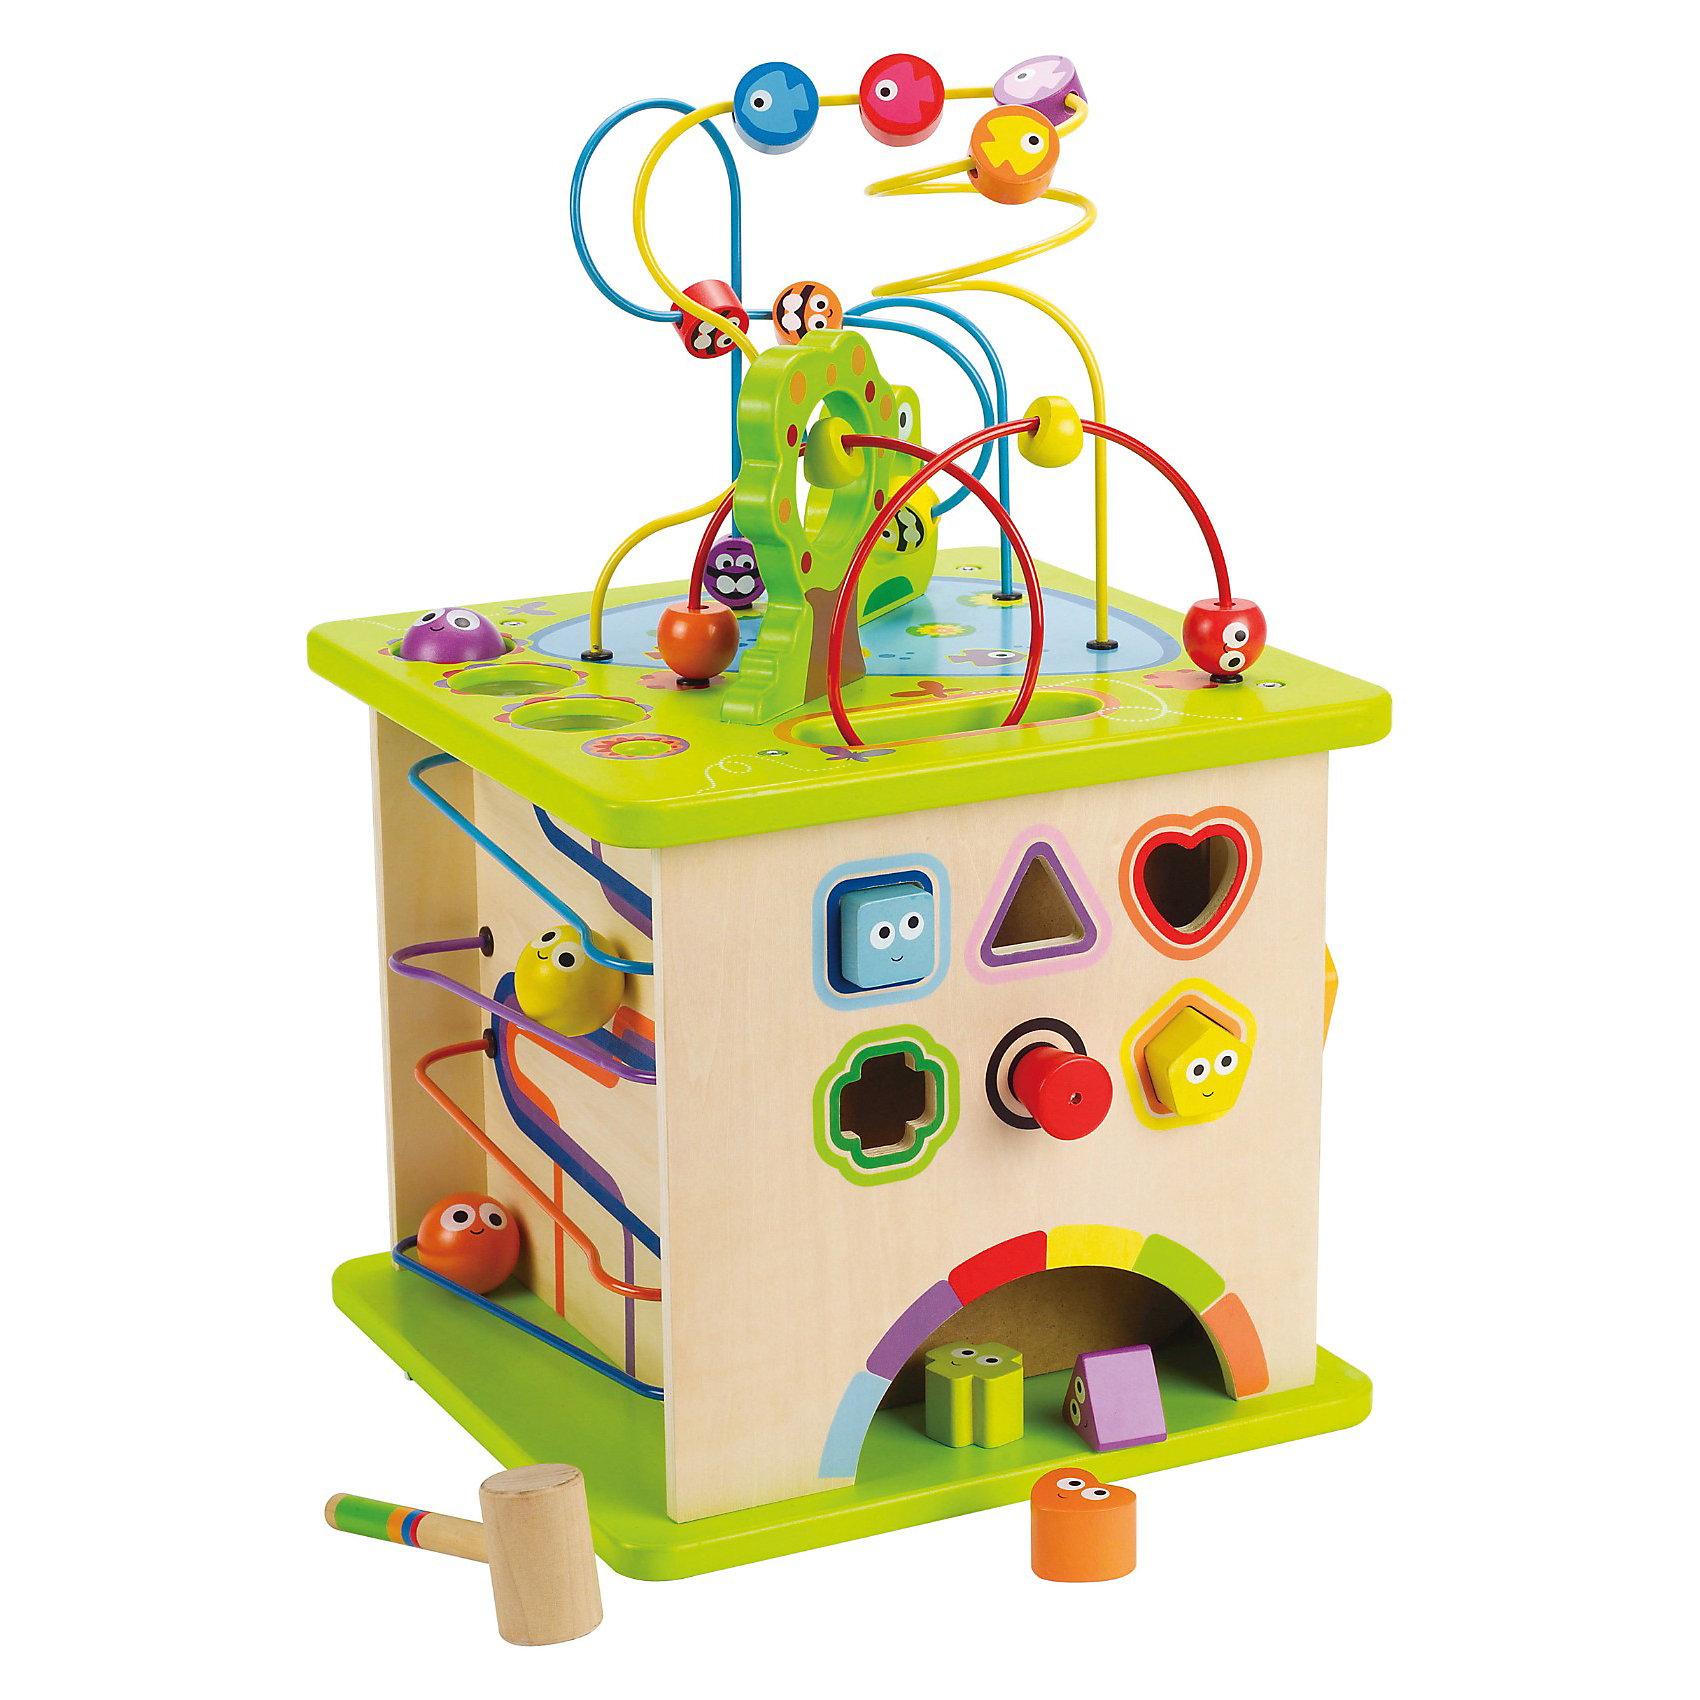 Большой активный куб, HapeБольшой активный куб, Hape (Хапе) - это развивающая игрушка, которая предоставляет массу игровых возможностей для малыша. На каждой стороне кубика есть своя мини игра. Малыш сможет познакомится с лабиринтом, поиграть в сортер с различными геометрическими фигурами, покатать шарики по ложбинкам, познакомиться с разными животными и выучить цвета. Бесчисленное количество развивающих элементов на все группы навыков: <br>На верхней стороне игрушки находится лабиринт.<br>На боковой стороне 1: сортер и фигурки, которые малышу предстоит забивать молоточком.<br>На боковой стороне 2: лабиринт с разноцветными животными, которых нужно сортировать по цвету.<br>На боковой стороне 3: забавные шарики, которые можно скатывать по ложбинкам.<br>На боковой стороне 4: вращающийся лабиринт.<br>Уникальное развитие в игровой форме!<br><br>Дополнительная информация:<br><br>- Игрушка окрашена в яркие цвета;<br>- Множество интересных малышу заданий;<br>- С этим сортером малыш познакомится с миром геометрических фигур, научится отличать цвета;<br>- Игрушка развивает навыки логического и критического мышления, улучшает навыки координации и ловкости;<br>- Материал: дерево, металл;<br>- Игрушка понравится как девочкам, так и мальчикам;<br>- Вес: 0,65 кг.<br><br>Большой активный куб, Hape (Хапе)  можно купить в нашем интернет-магазине.<br><br>Ширина мм: 413<br>Глубина мм: 411<br>Высота мм: 373<br>Вес г: 8100<br>Возраст от месяцев: 12<br>Возраст до месяцев: 36<br>Пол: Унисекс<br>Возраст: Детский<br>SKU: 3534106